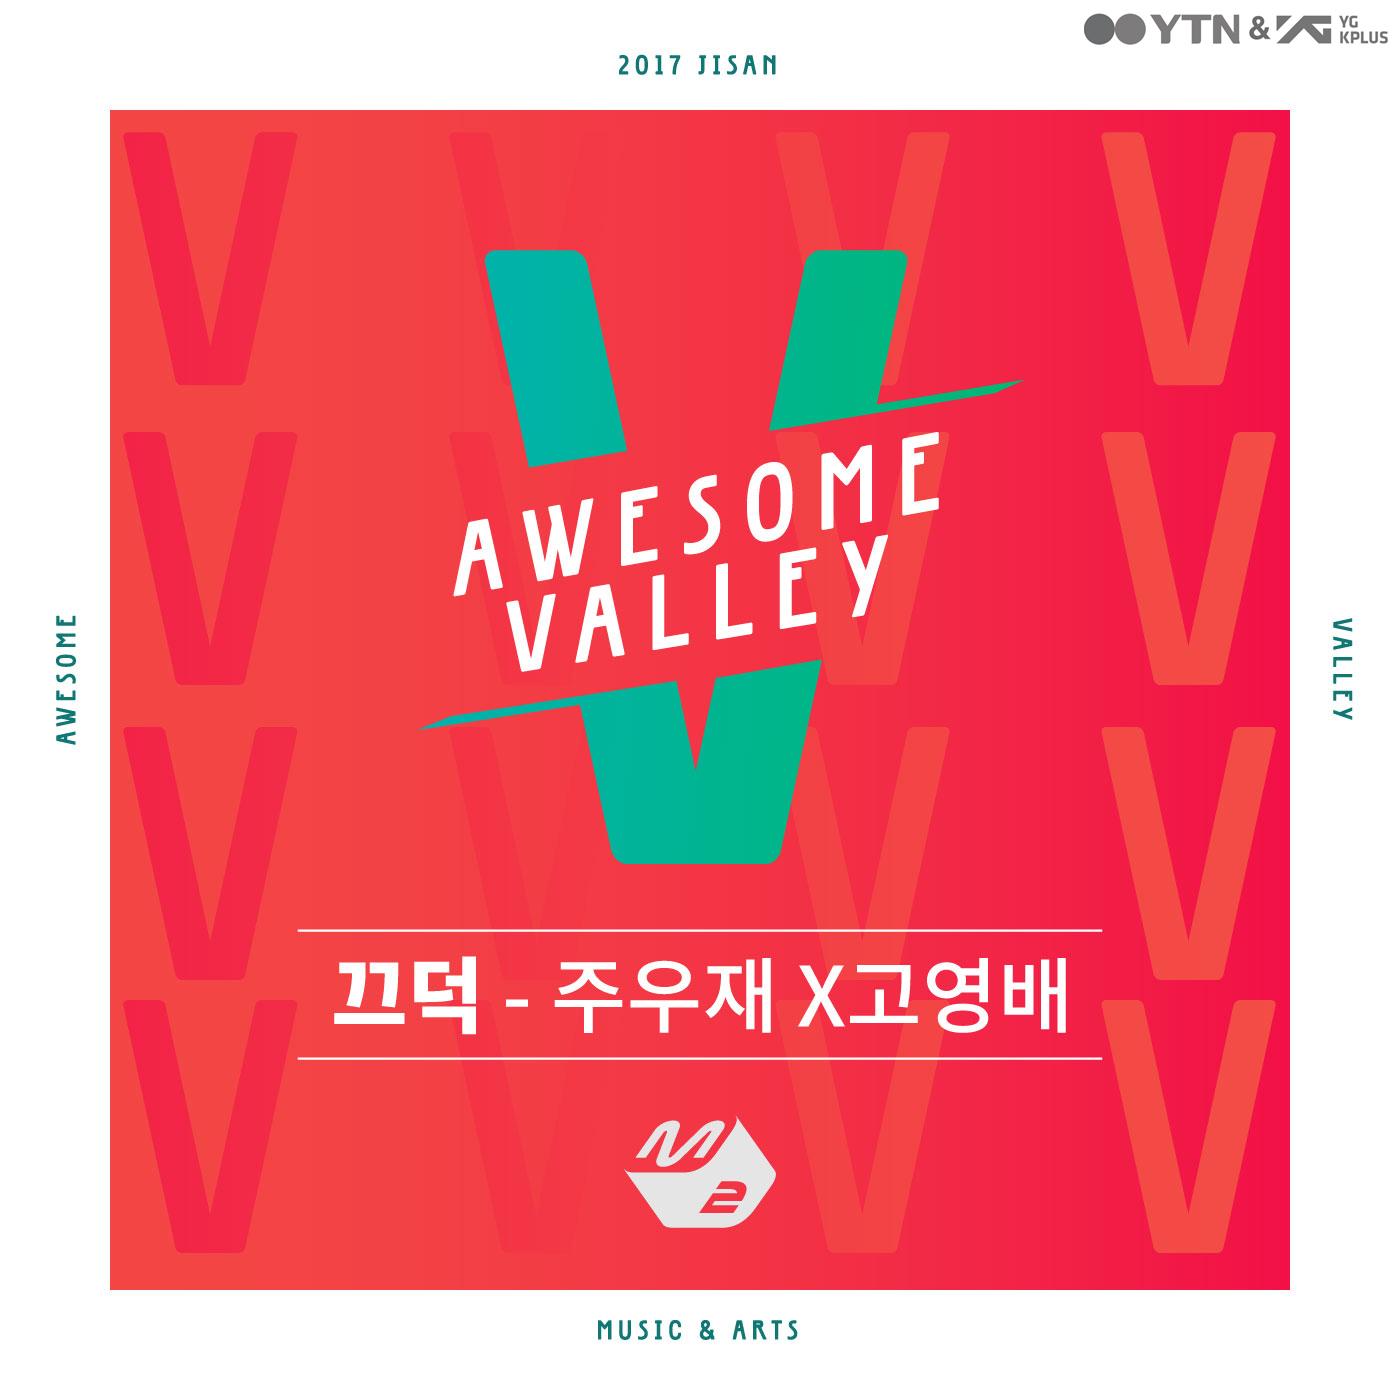 주우재 고막남친으로 변신! 주우재X고영배 '끄덕' 음원 공개